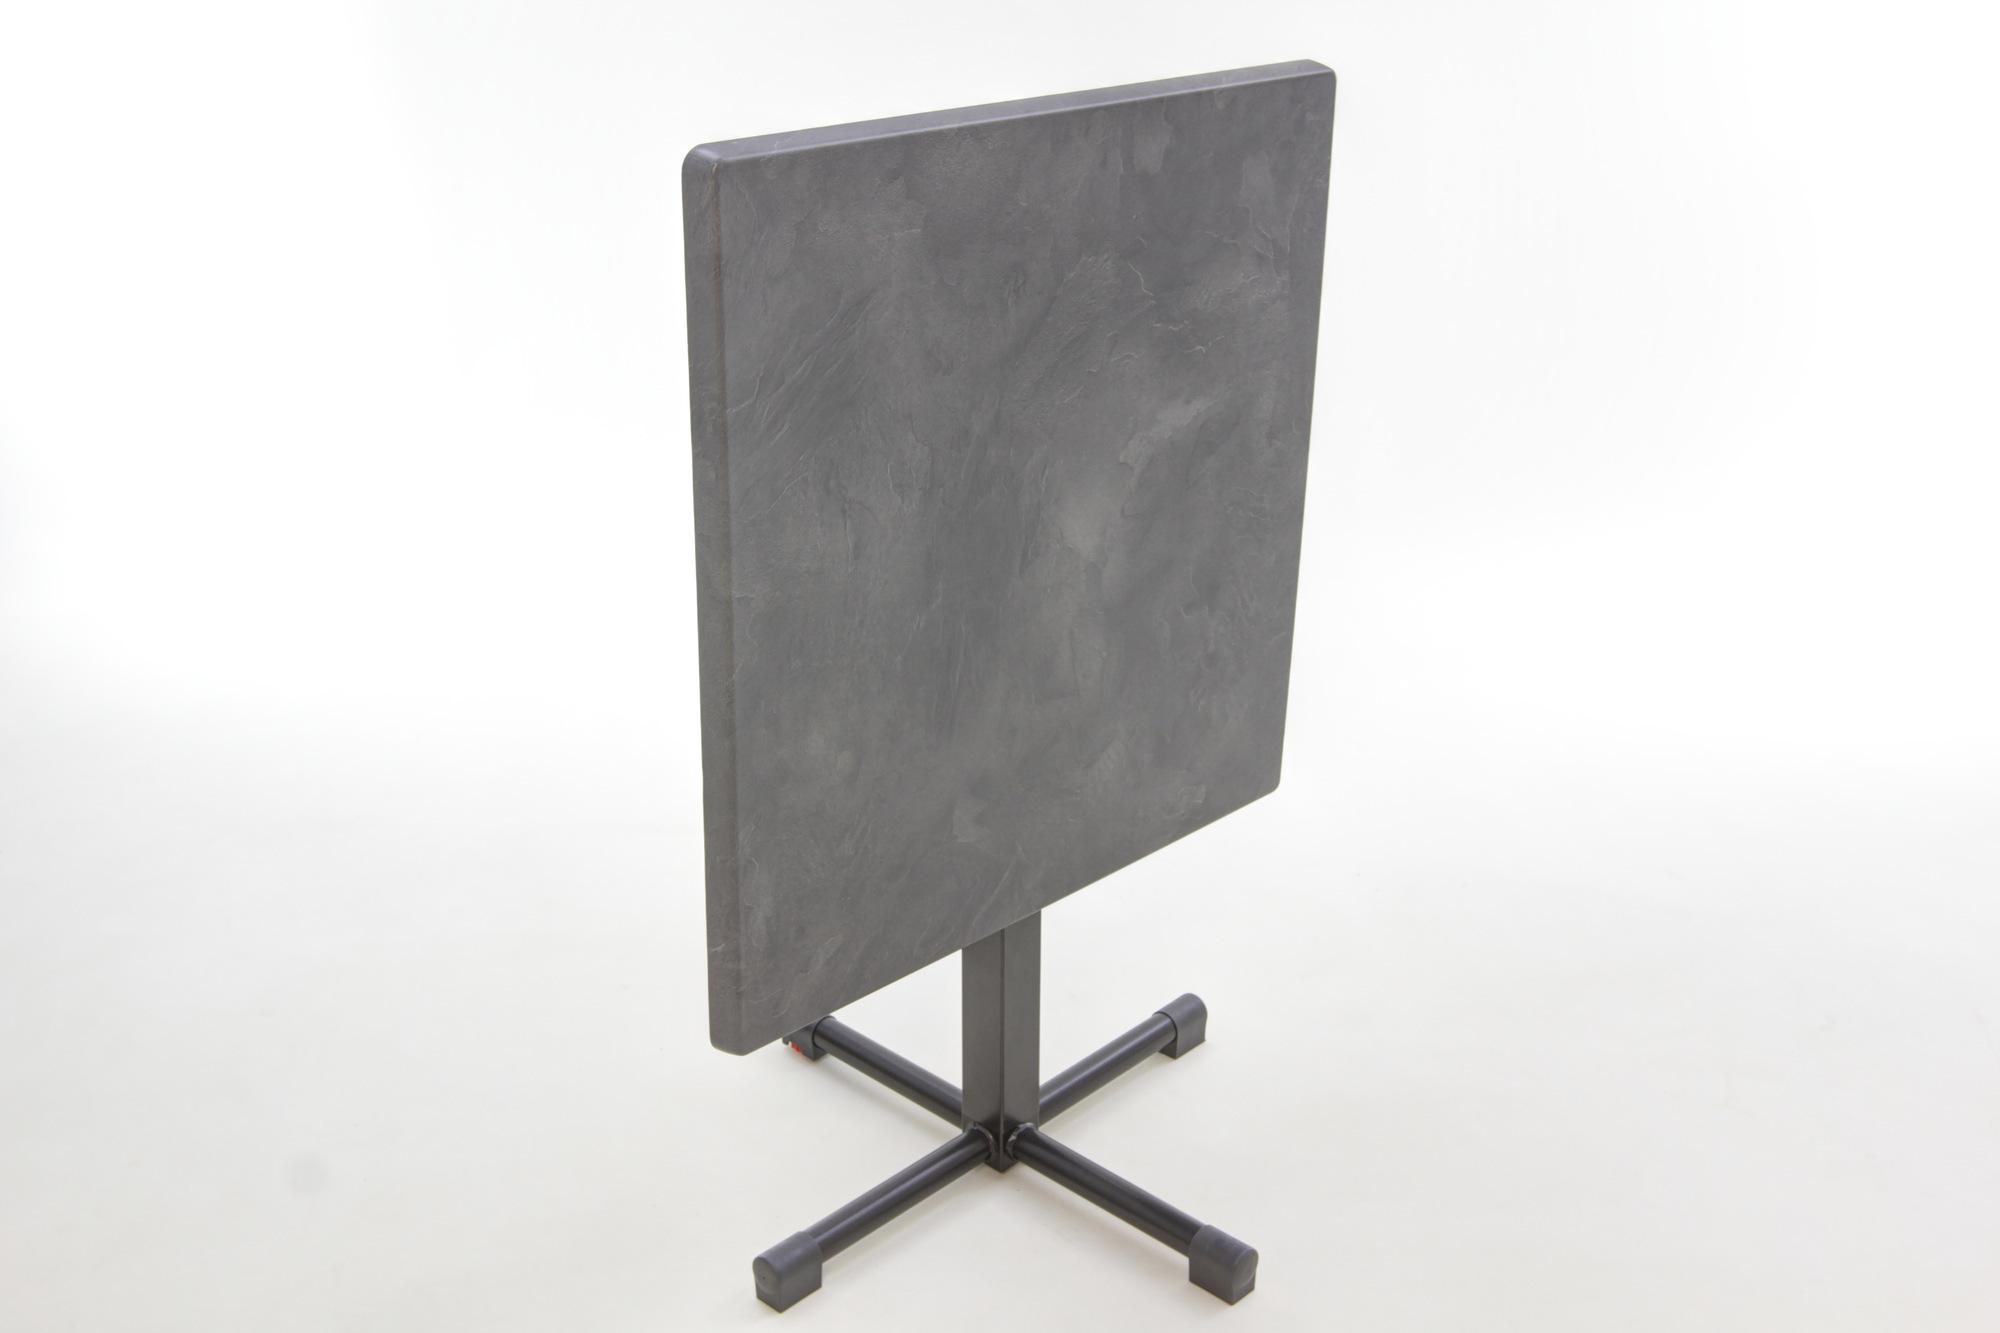 1547120819-gartenmoebel-80x80cm-gastrotisch-amrum_2.jpg